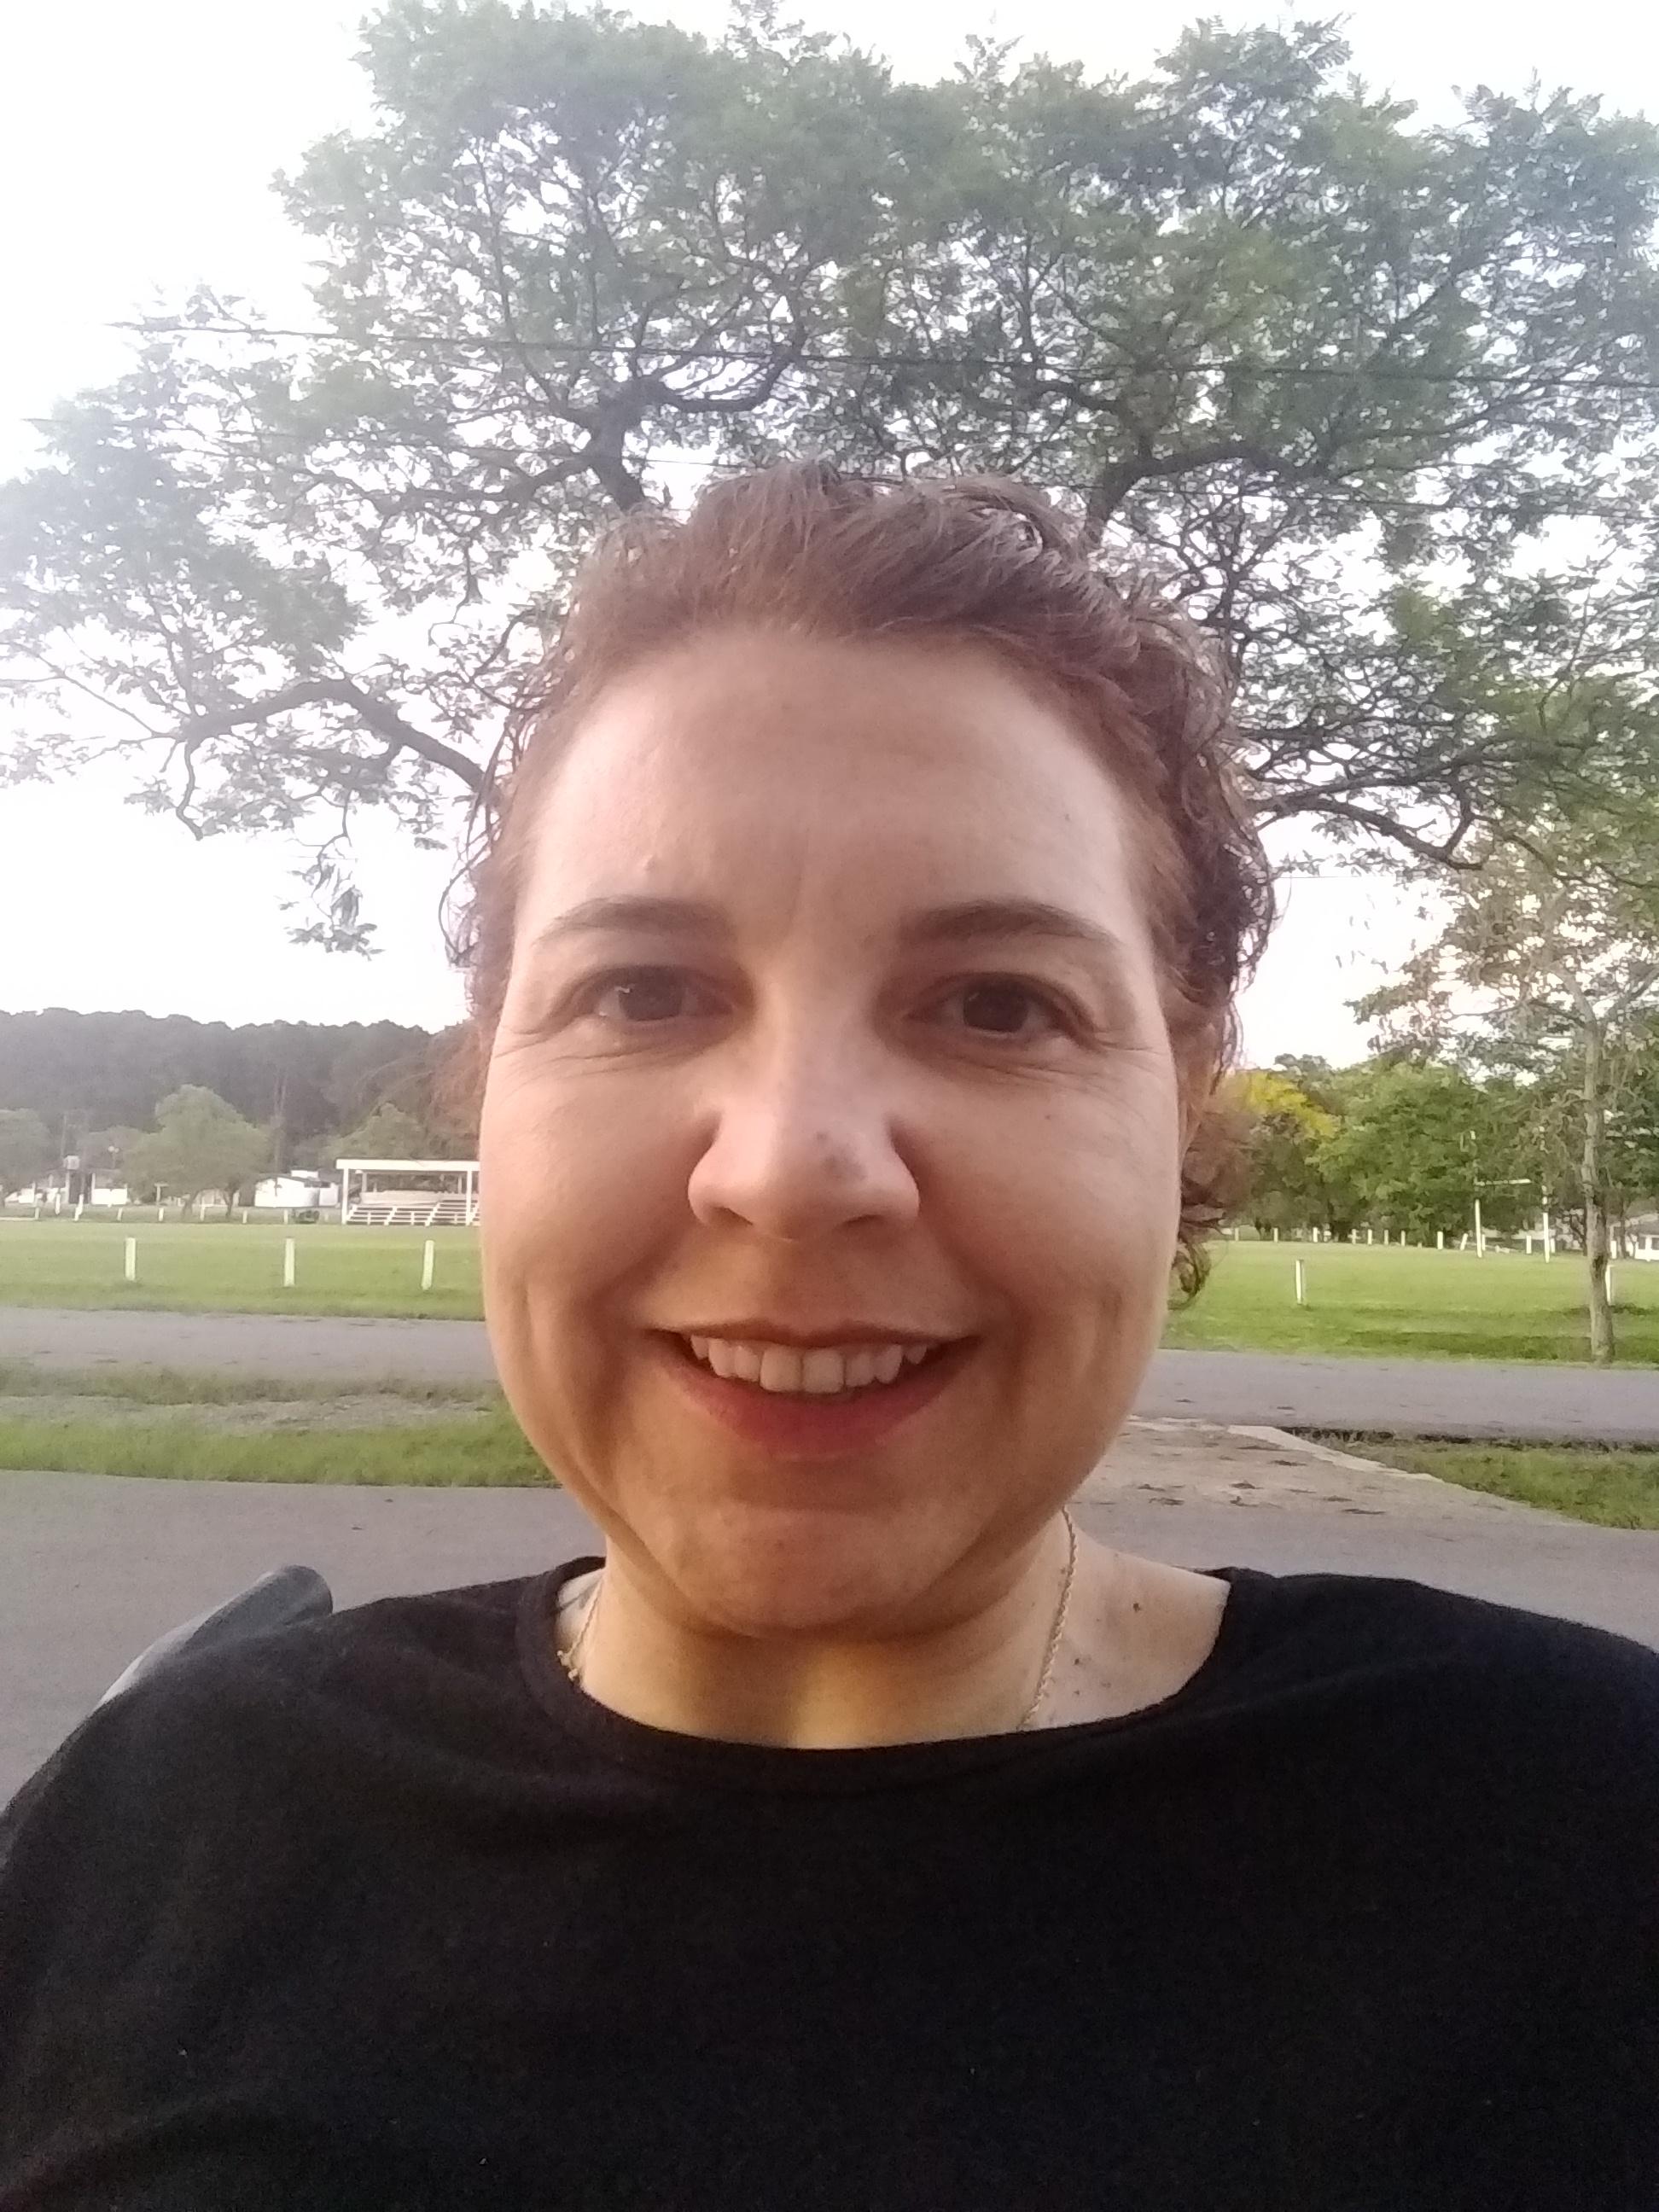 Na foto estou em um parque, sou morena clara, olhos castanhos, cabelos curtos. Estou sorrindo.